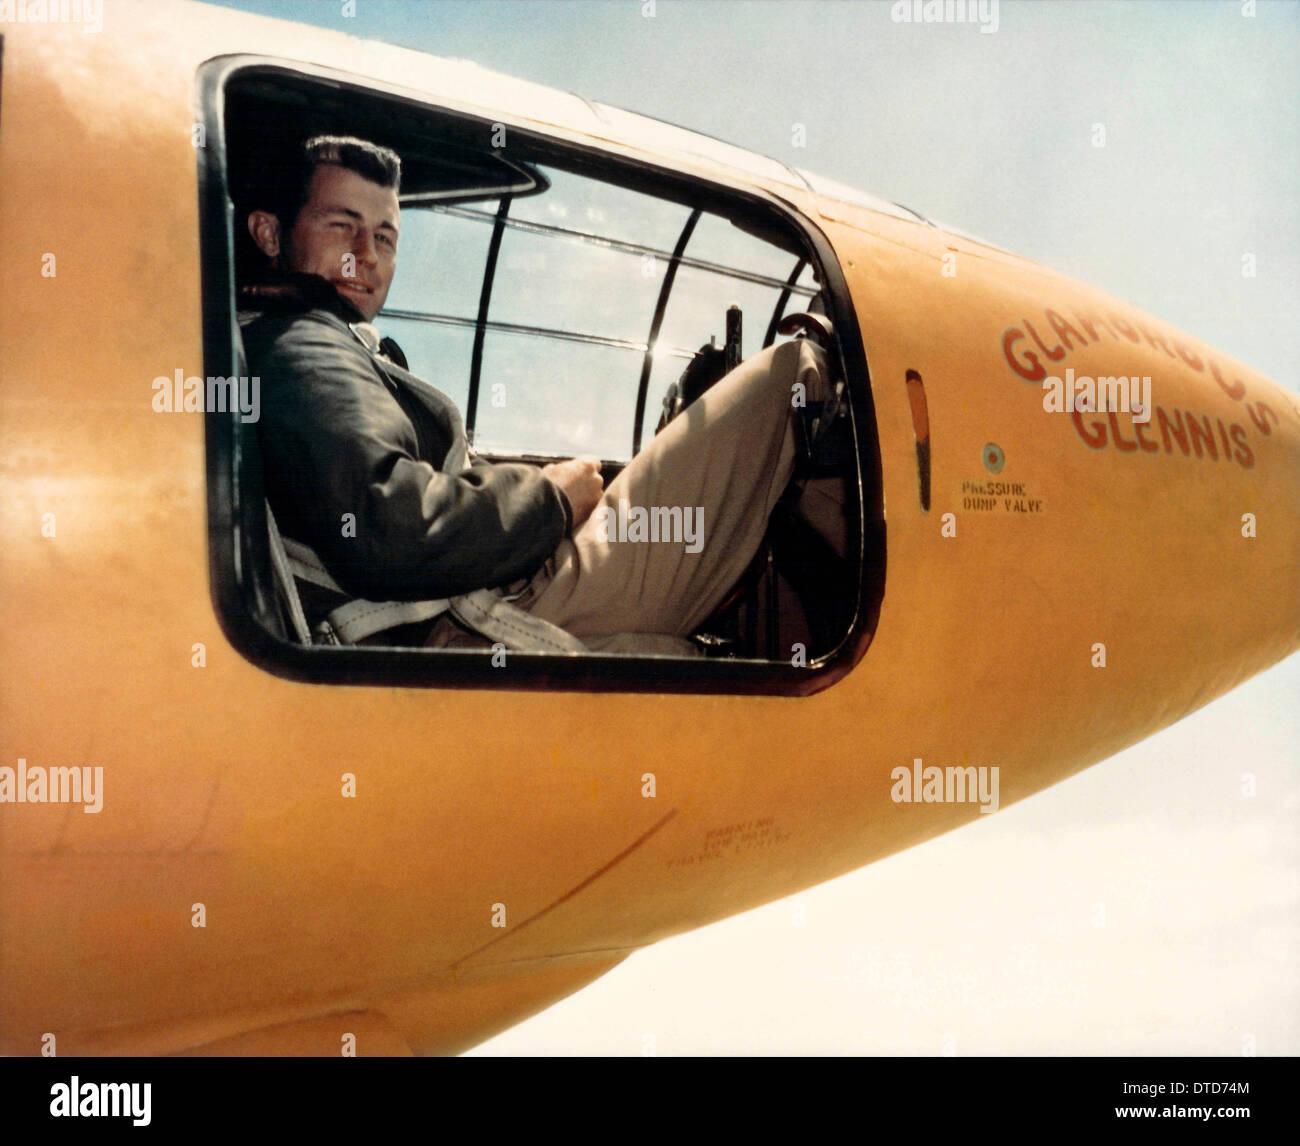 Le pilote d'essai de l'US Air Force le Capitaine Chuck Yeager assis dans le cockpit de Glamorous Glennis Photo Stock